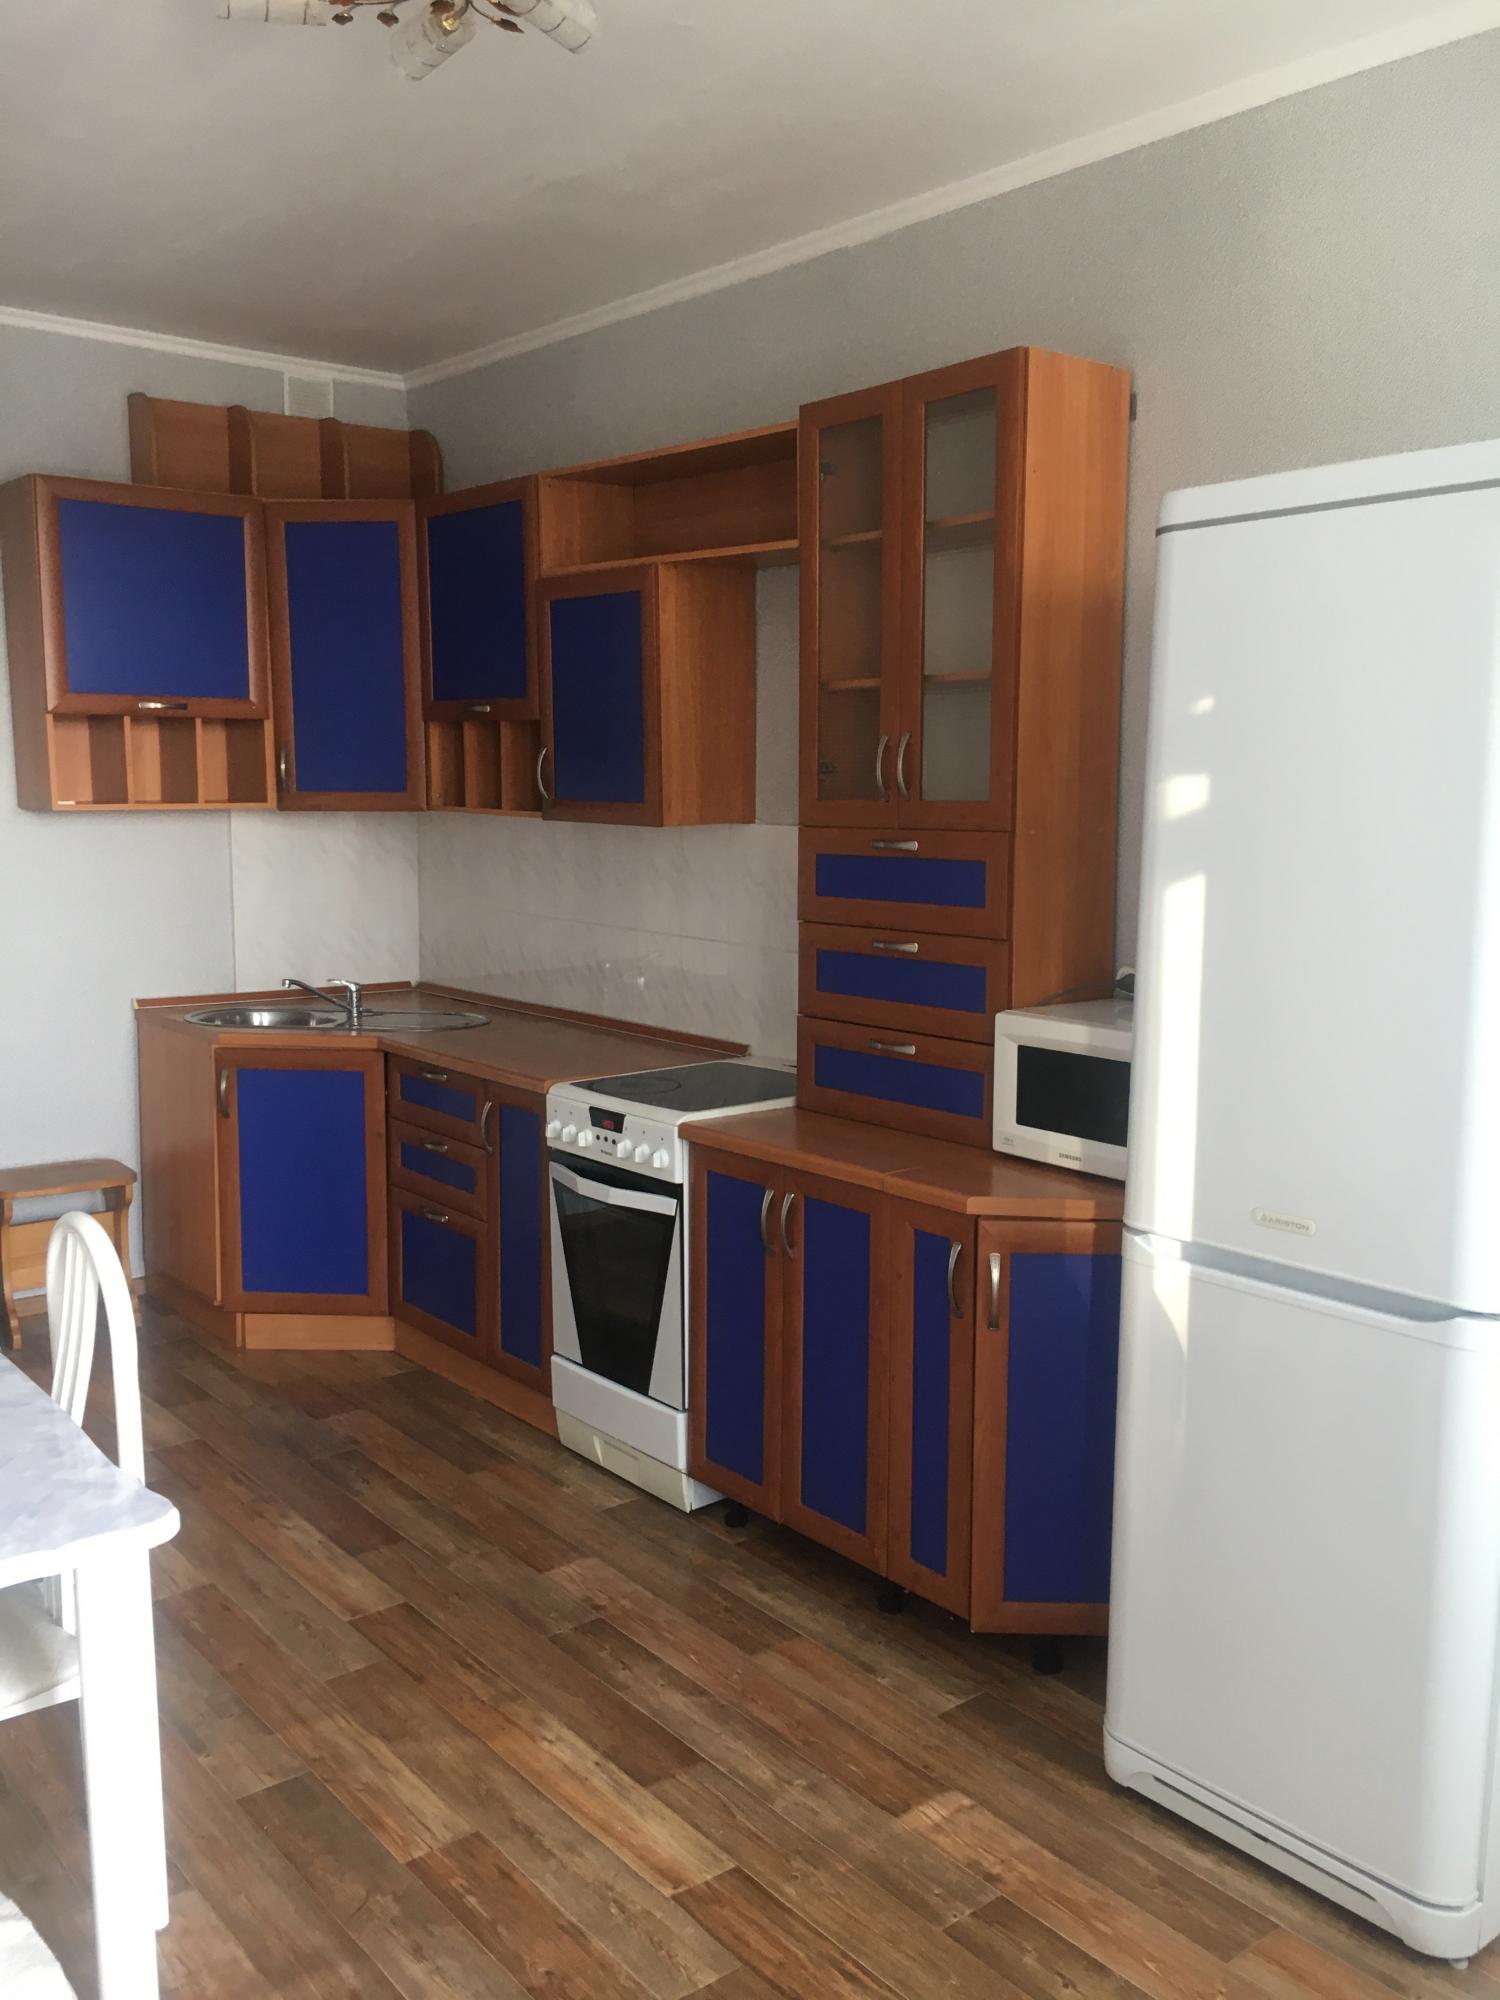 1к квартира улица Академика Киренского, 2И | 19500 | аренда в Красноярске фото 5